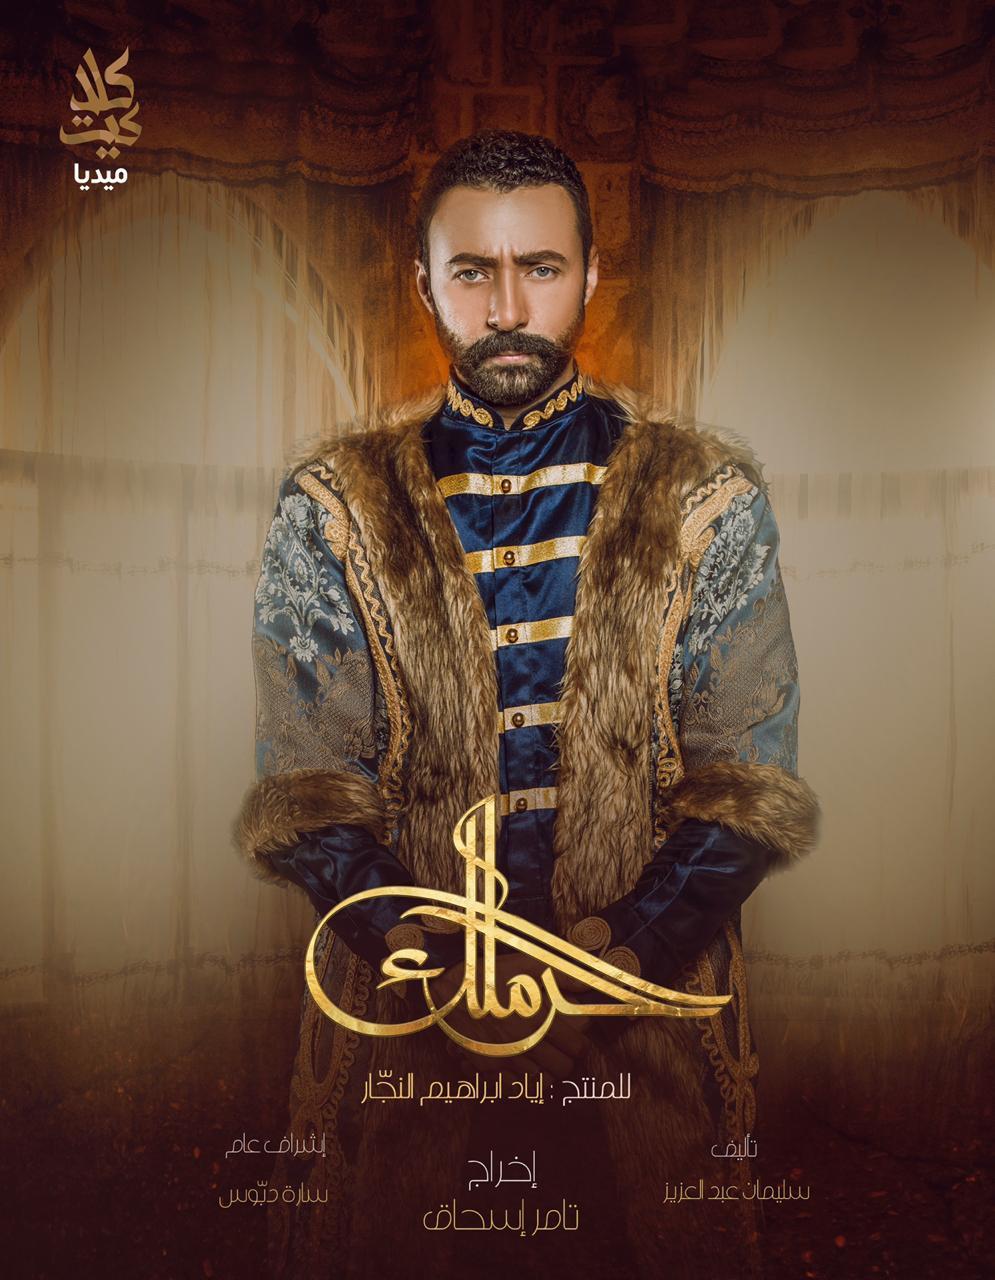 أحمد فهمي من مسلسل الحرملك